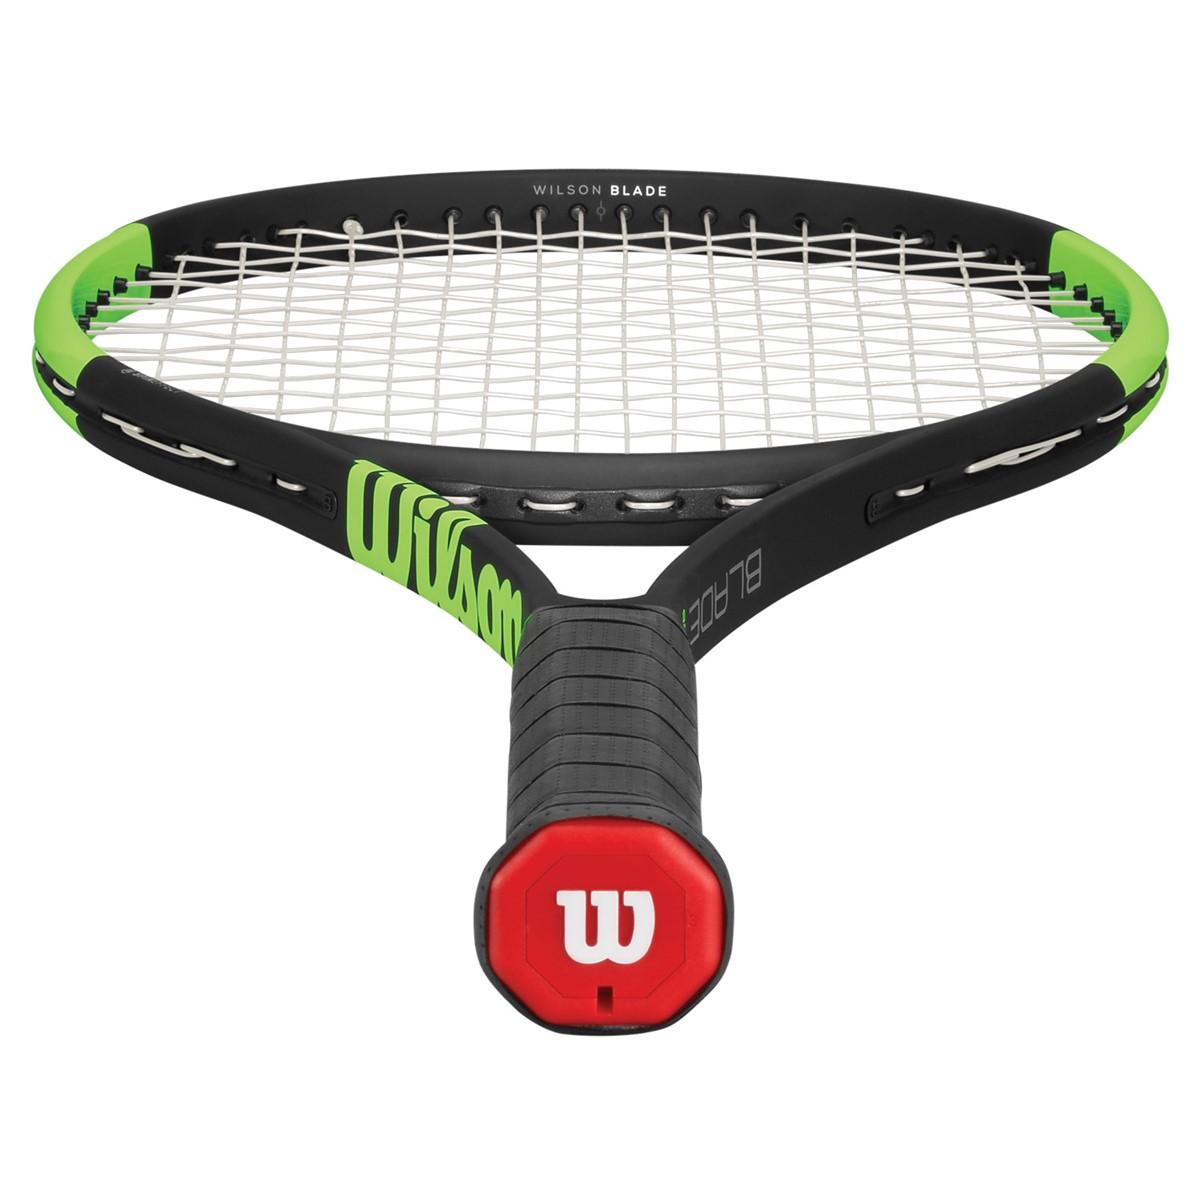 Racquets | Wilson | Wilson Blade 98 18x20 CV | Top Serve Tennis